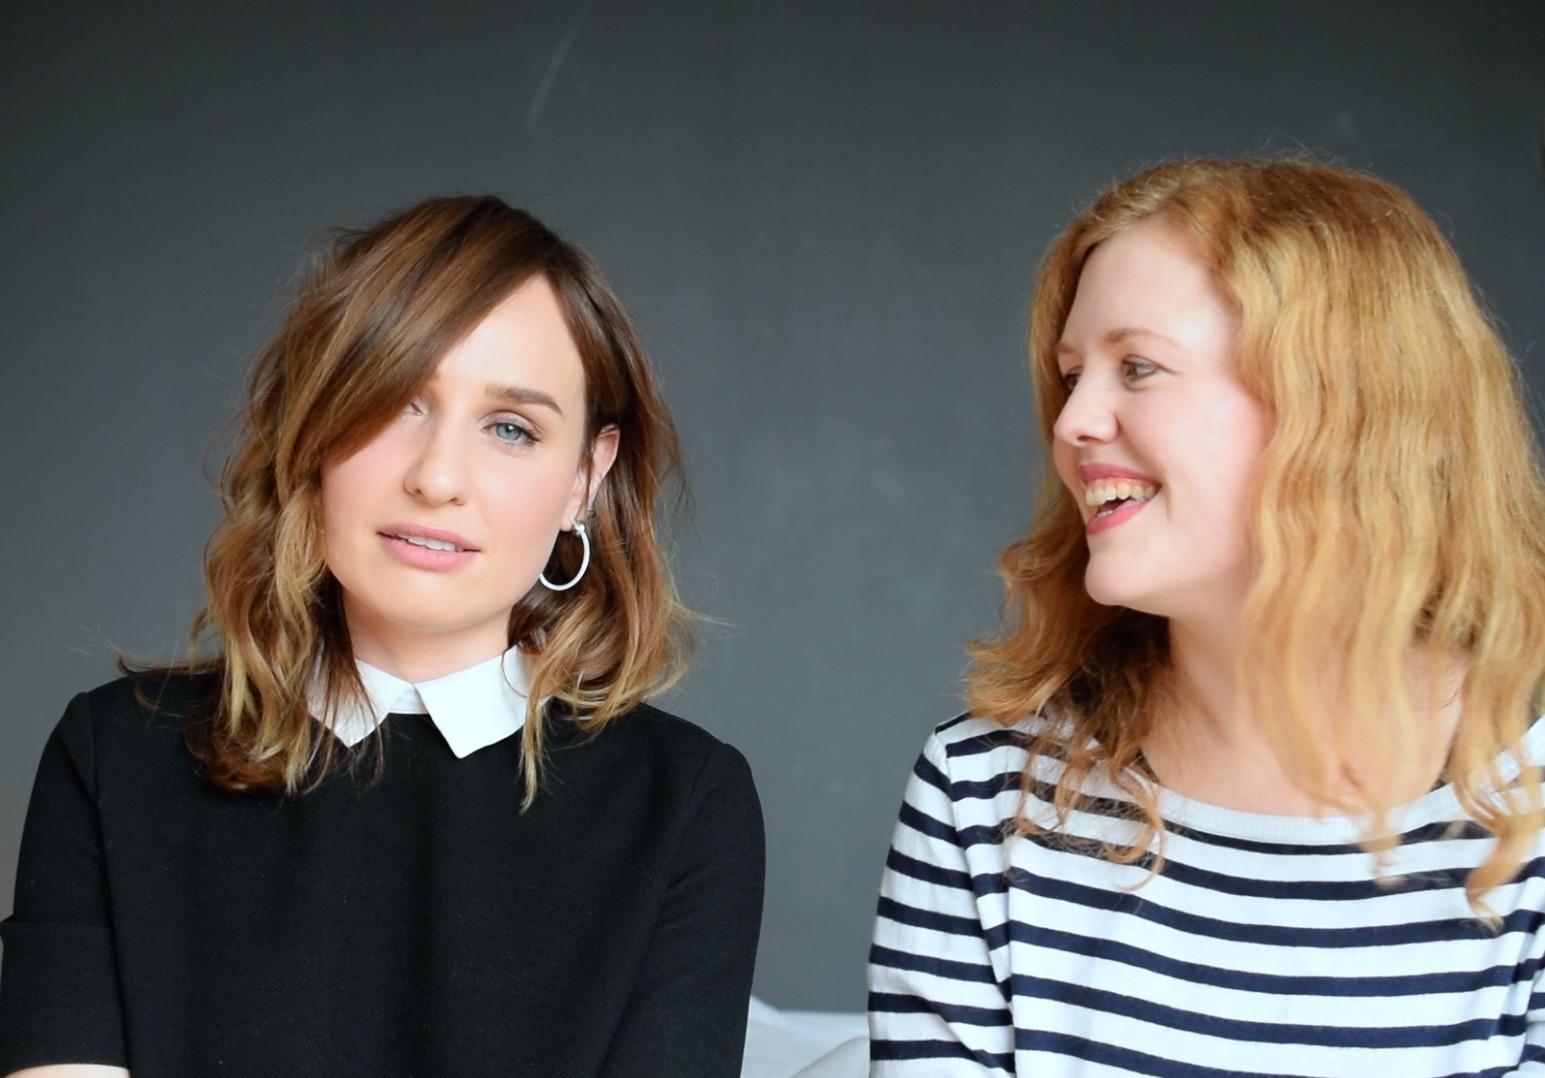 Beauty Talk mit Mia von Alabaster Mädchen beantwortet drei Interview Fragen zu Kosmetik, Beauty und Ernährung.